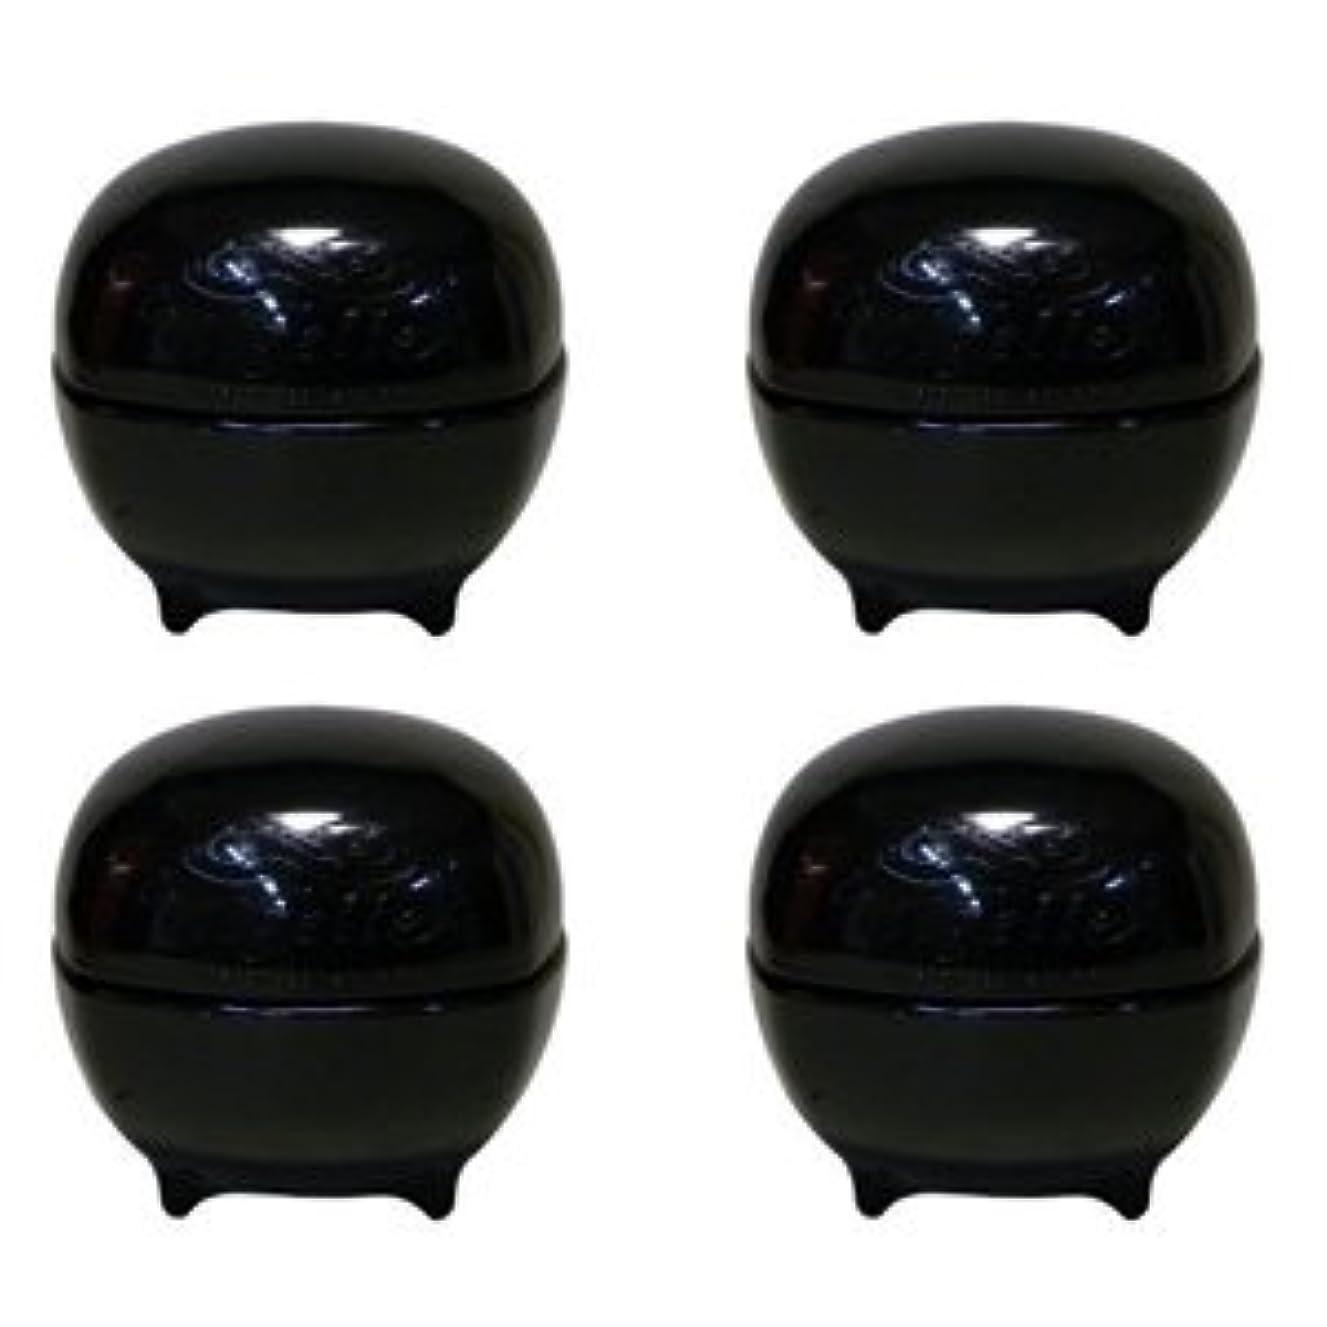 時咲く衝撃【X4個セット】 ミルボン ニゼル グラスプワックス 80g (ニゼルドレシアコレクション) GRASP WAX MILBON